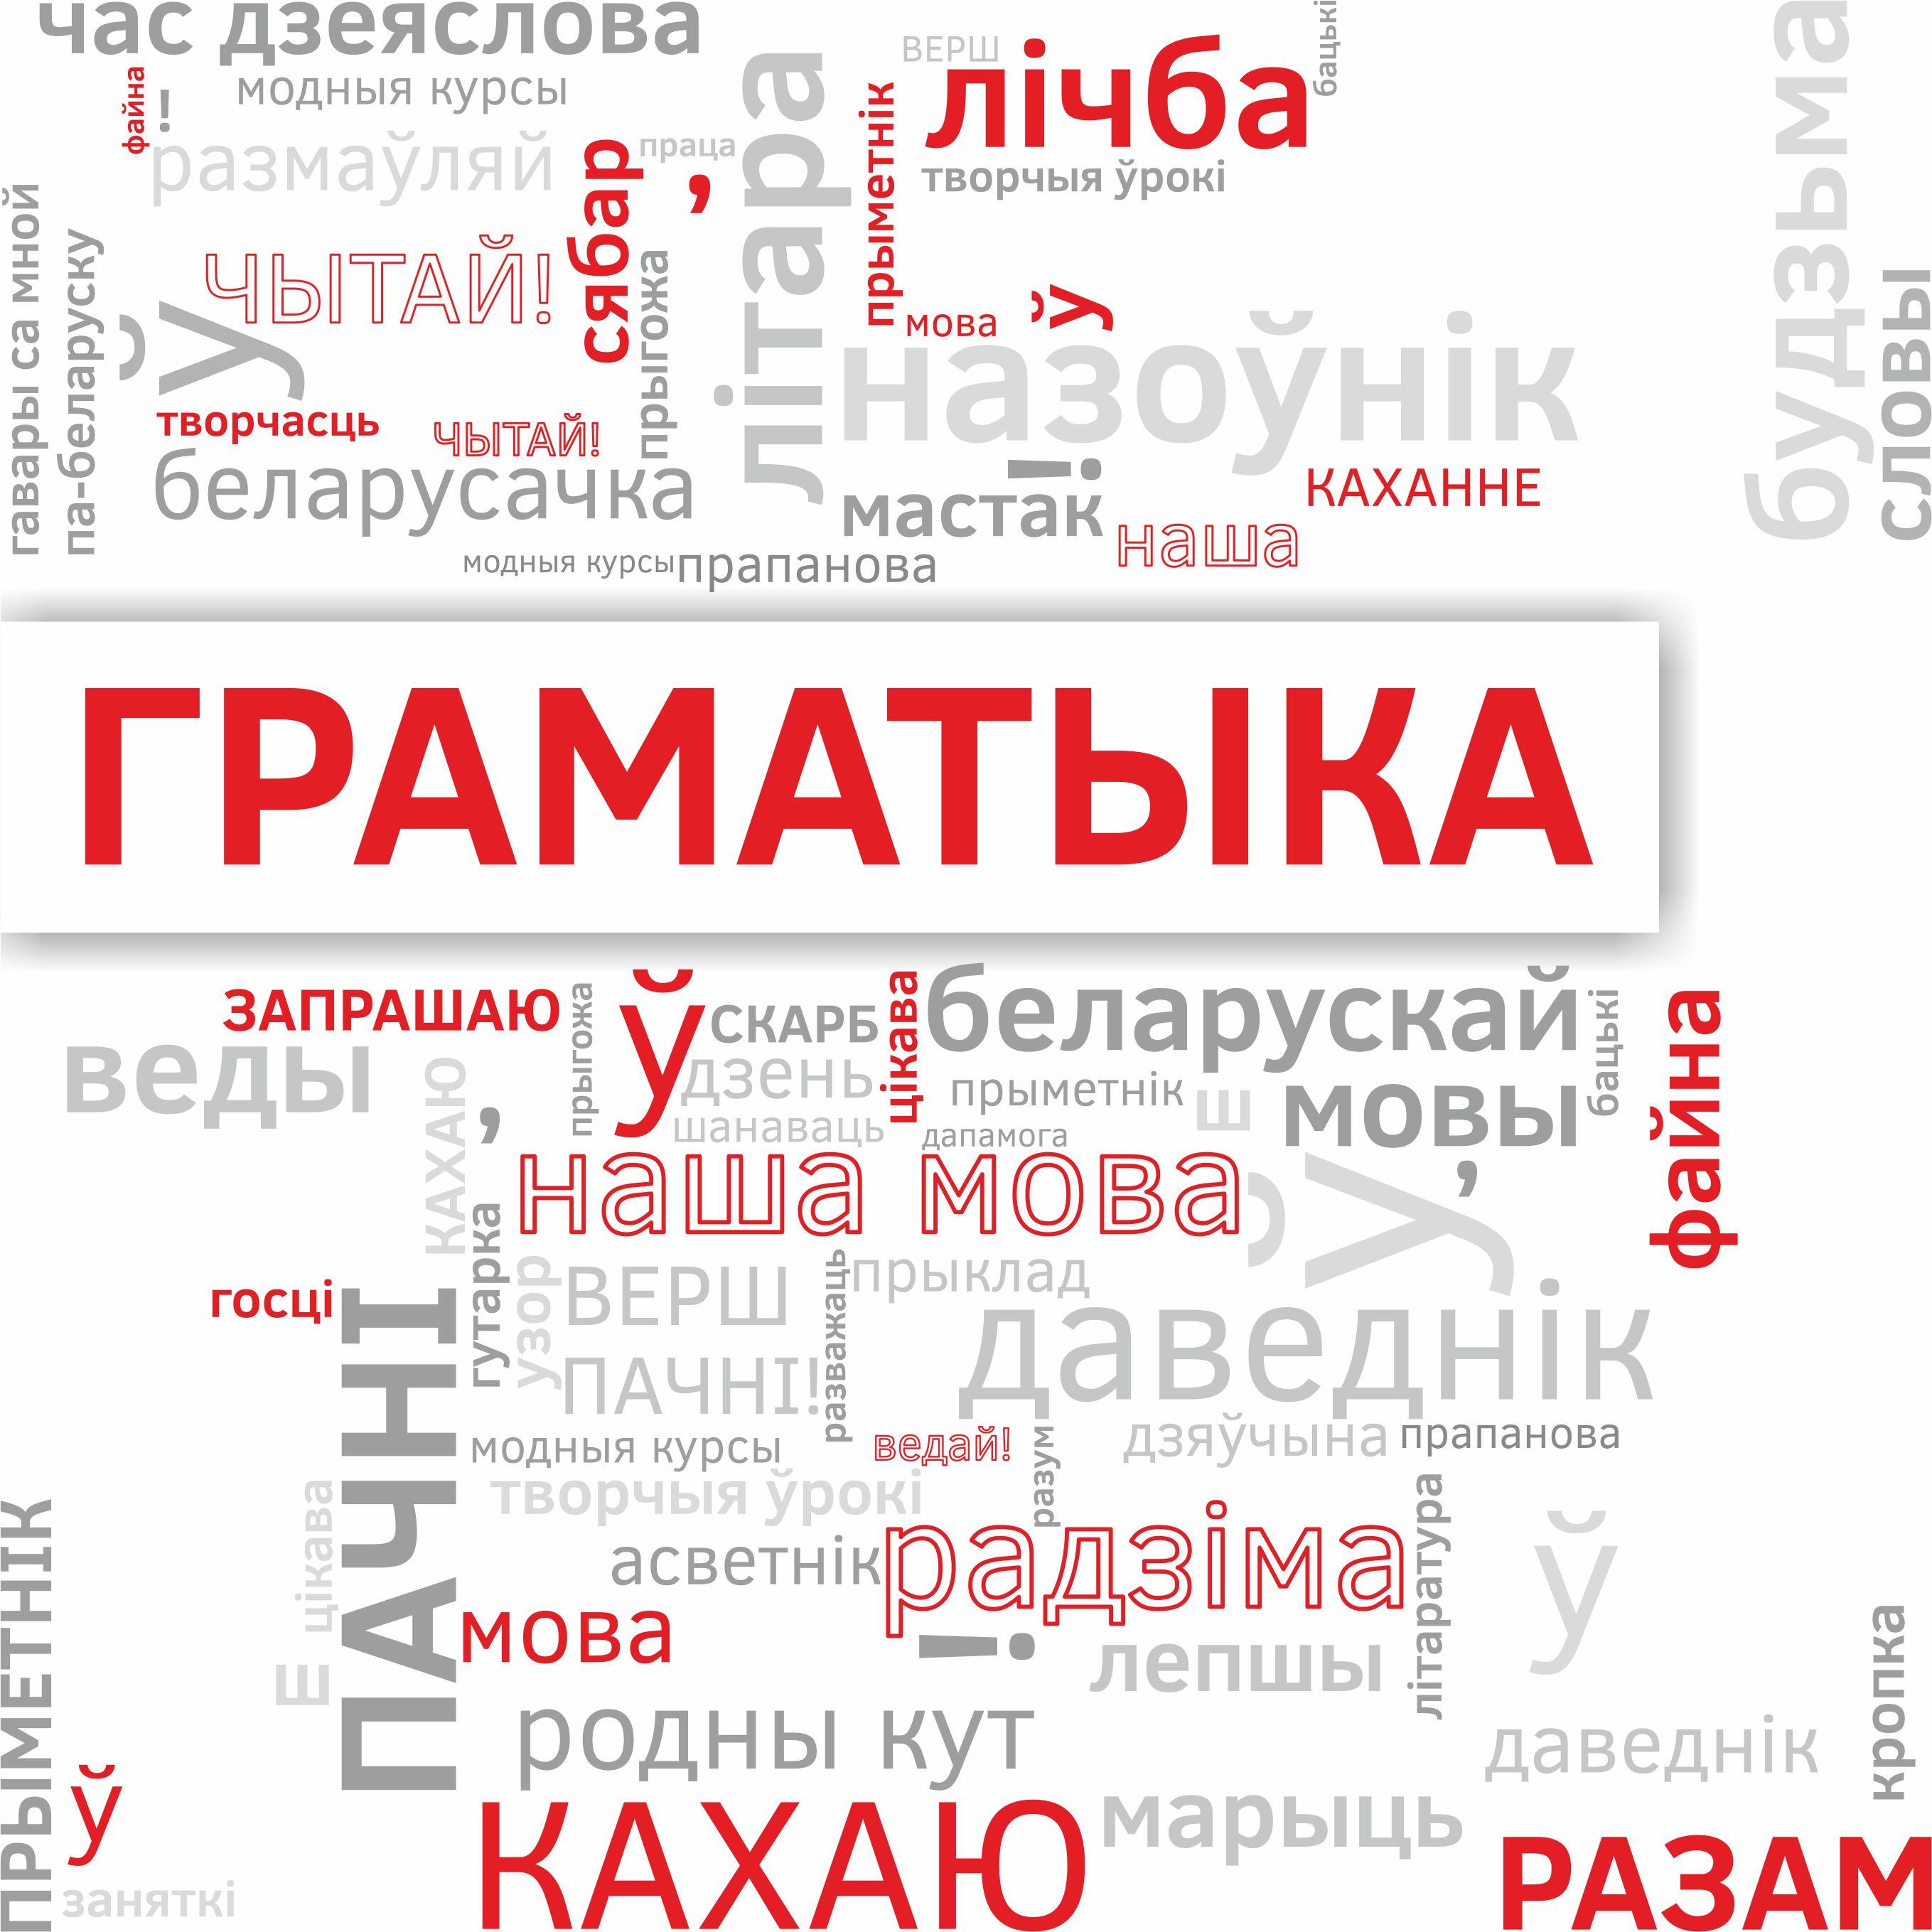 Ілжэсябры перакладчыка: міжмоўныя амонімы і паронімы.